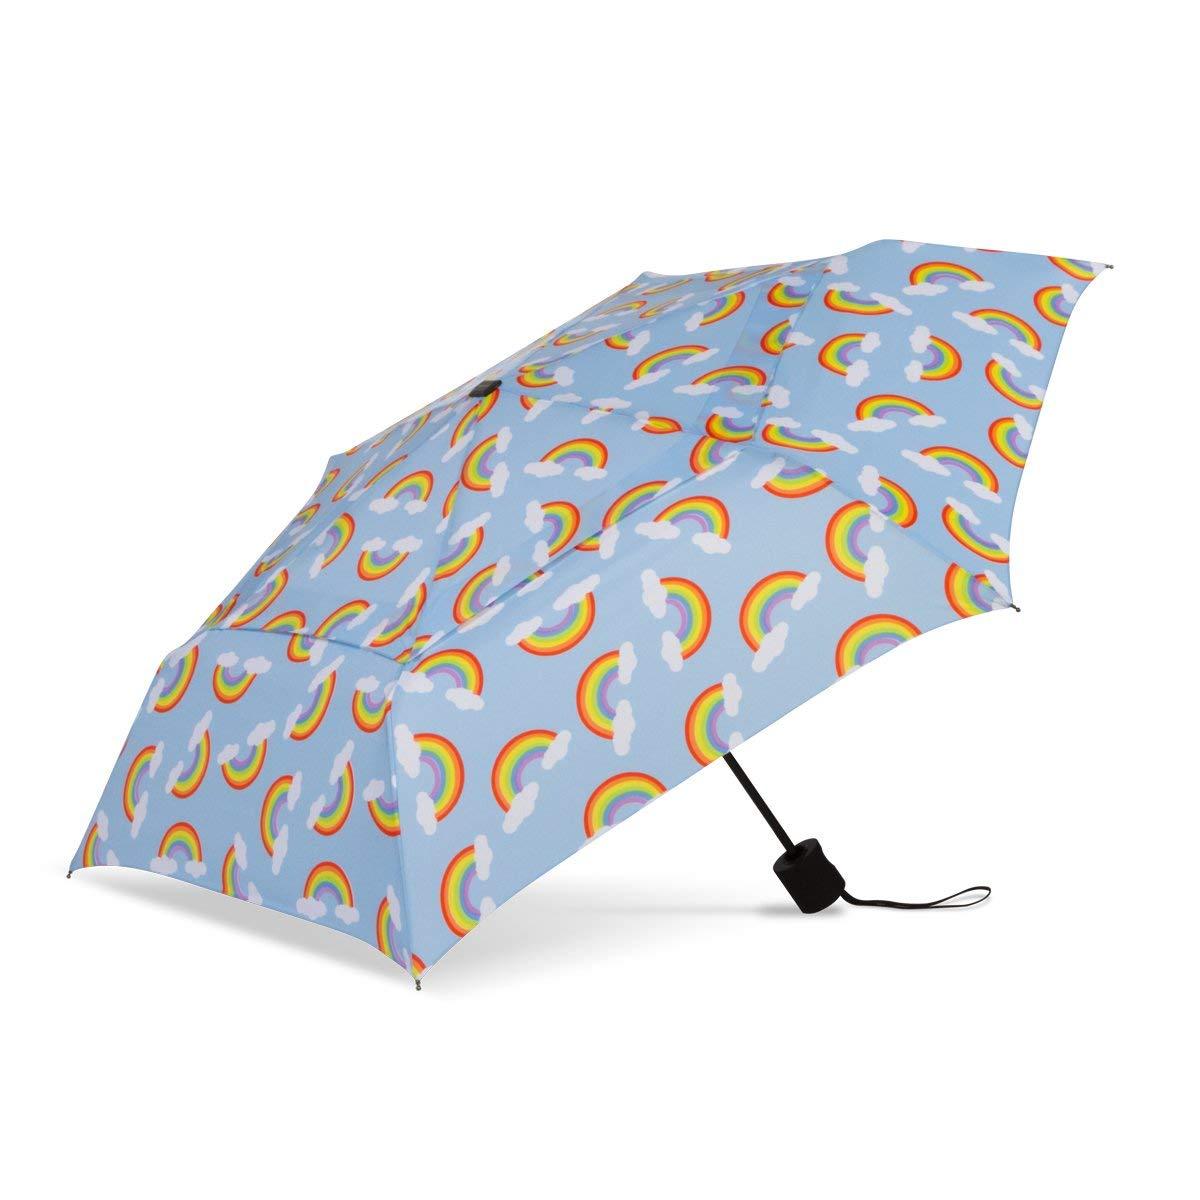 ShedRain WindPro Vented Fashion Auto Open & Close Compact Wind Umbrella: Dream Blue Rainbows